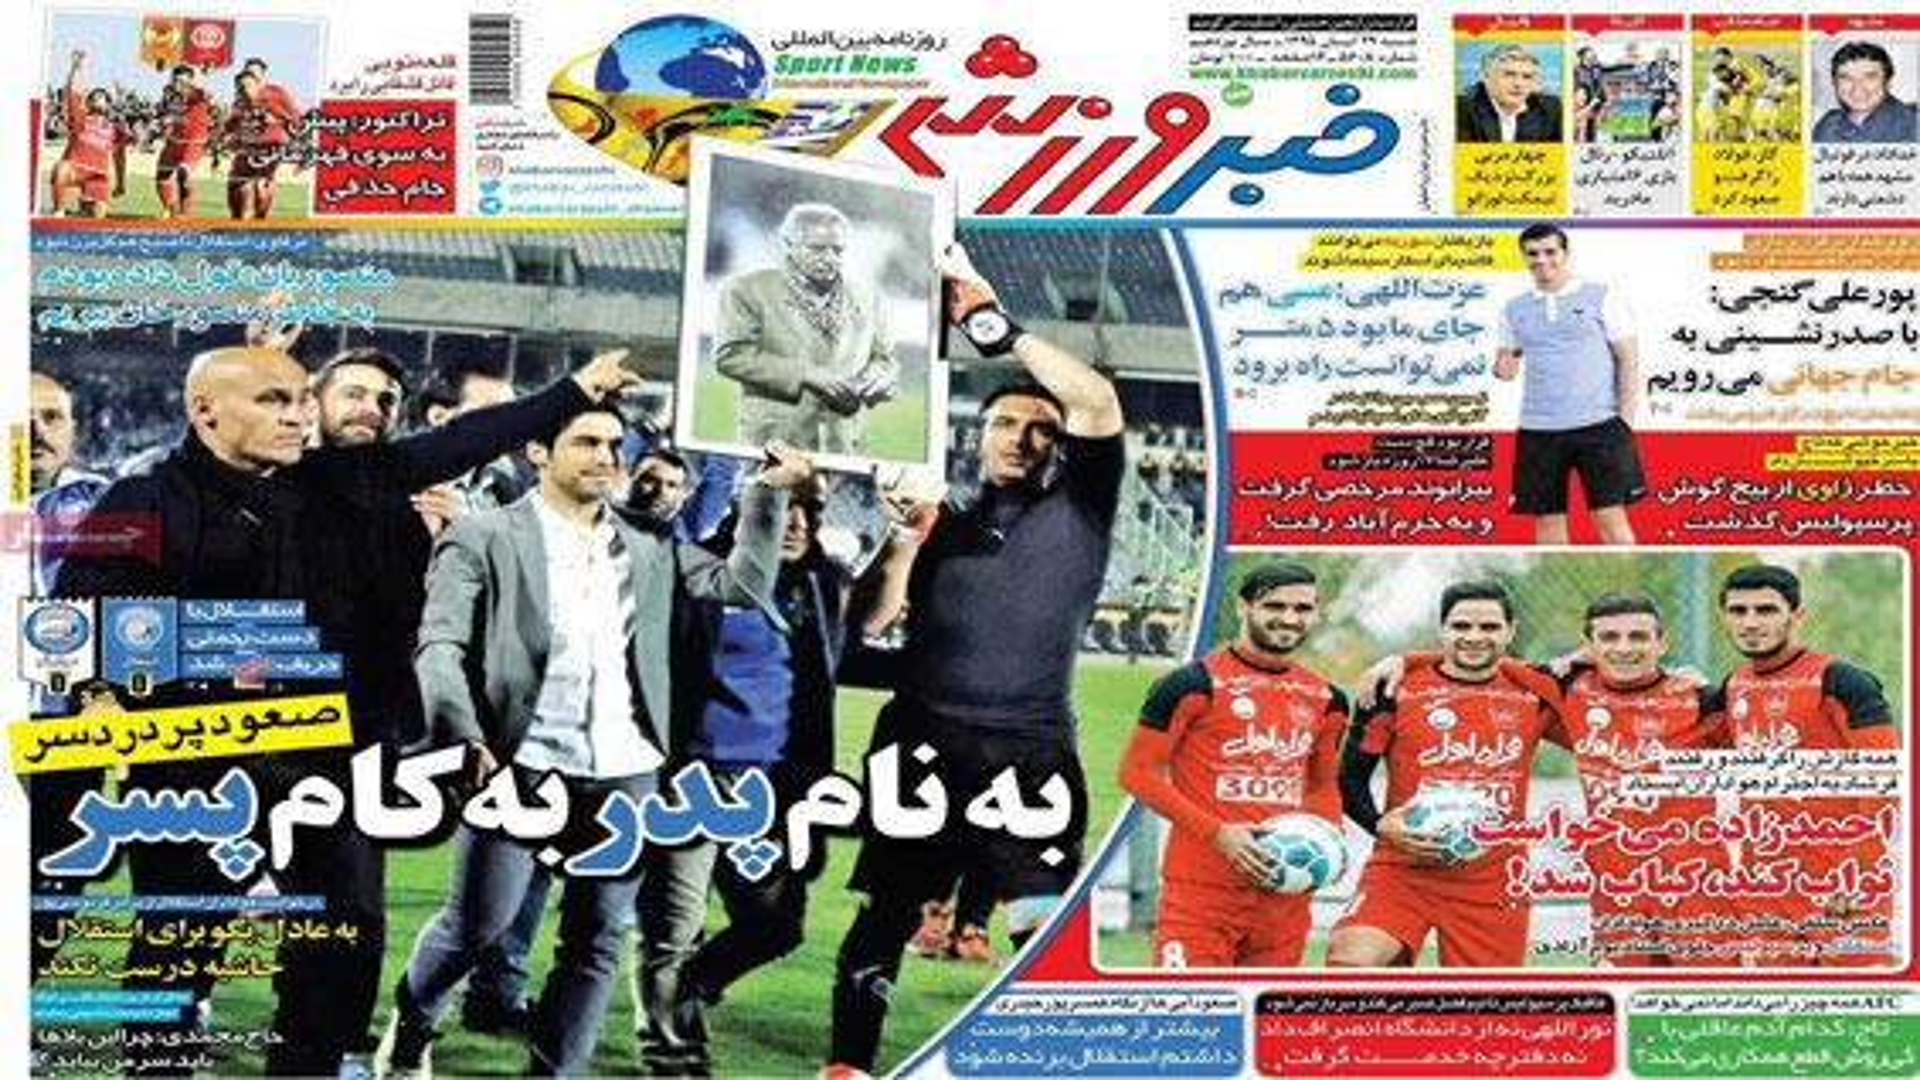 عناوین روزنامه های ورزشی شنبه 29 آبان   فیلم